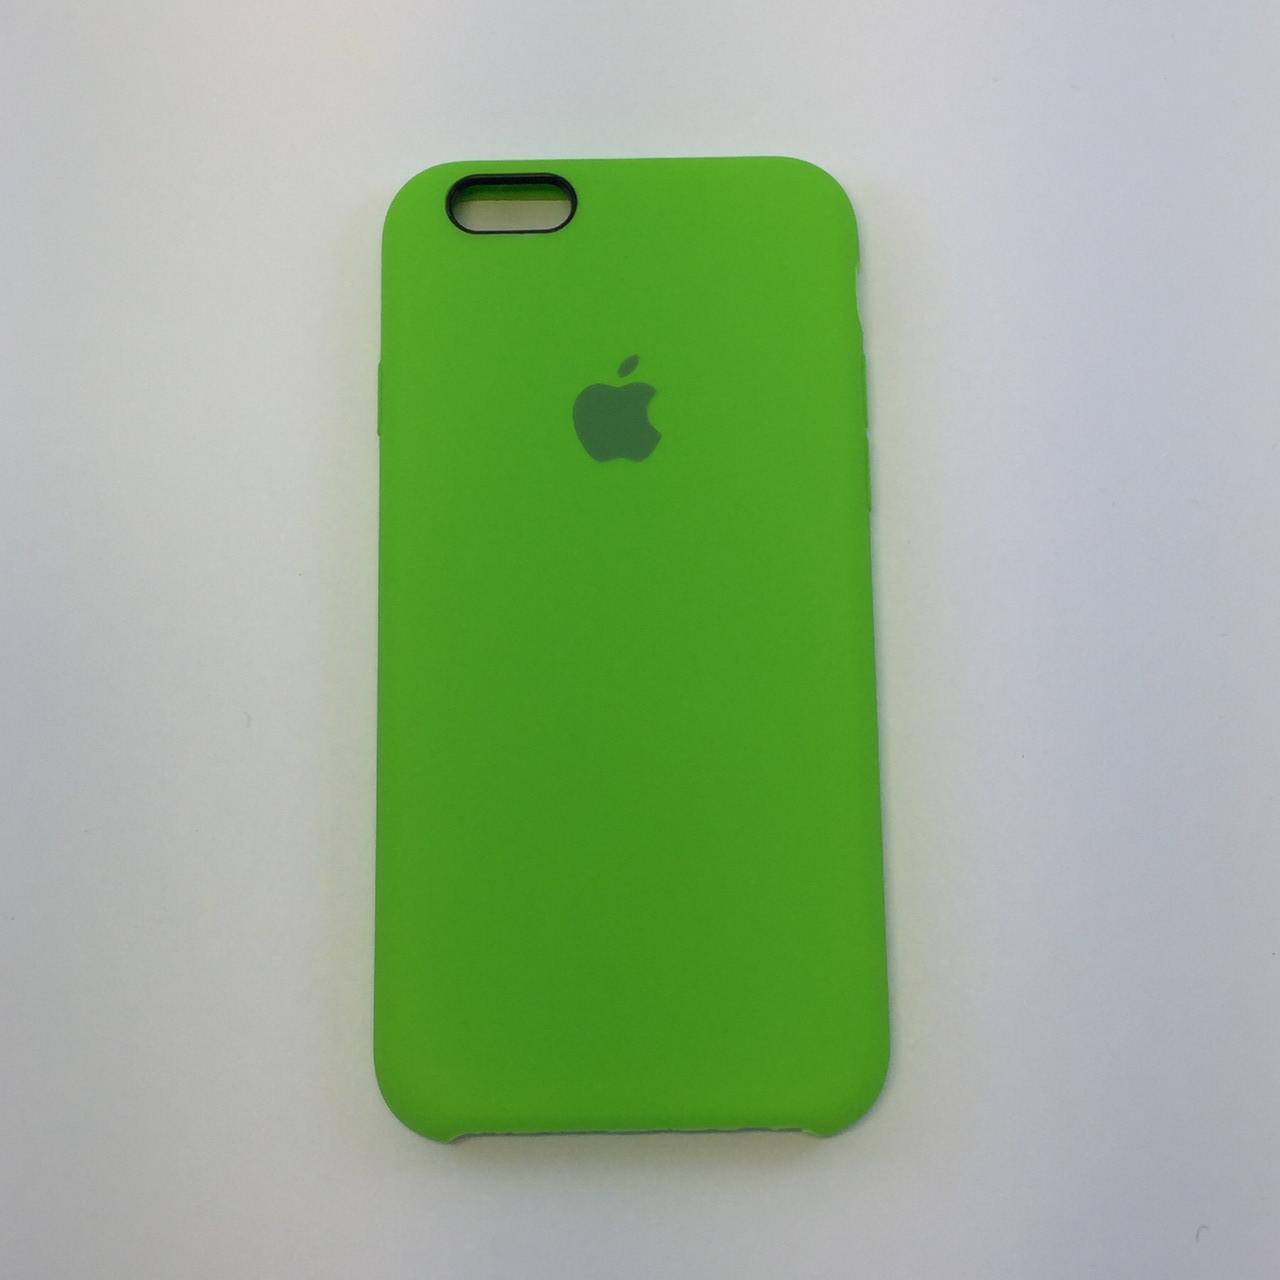 Силиконовый чехол OEM Silicon Case для iPhone 6/6s, лайм